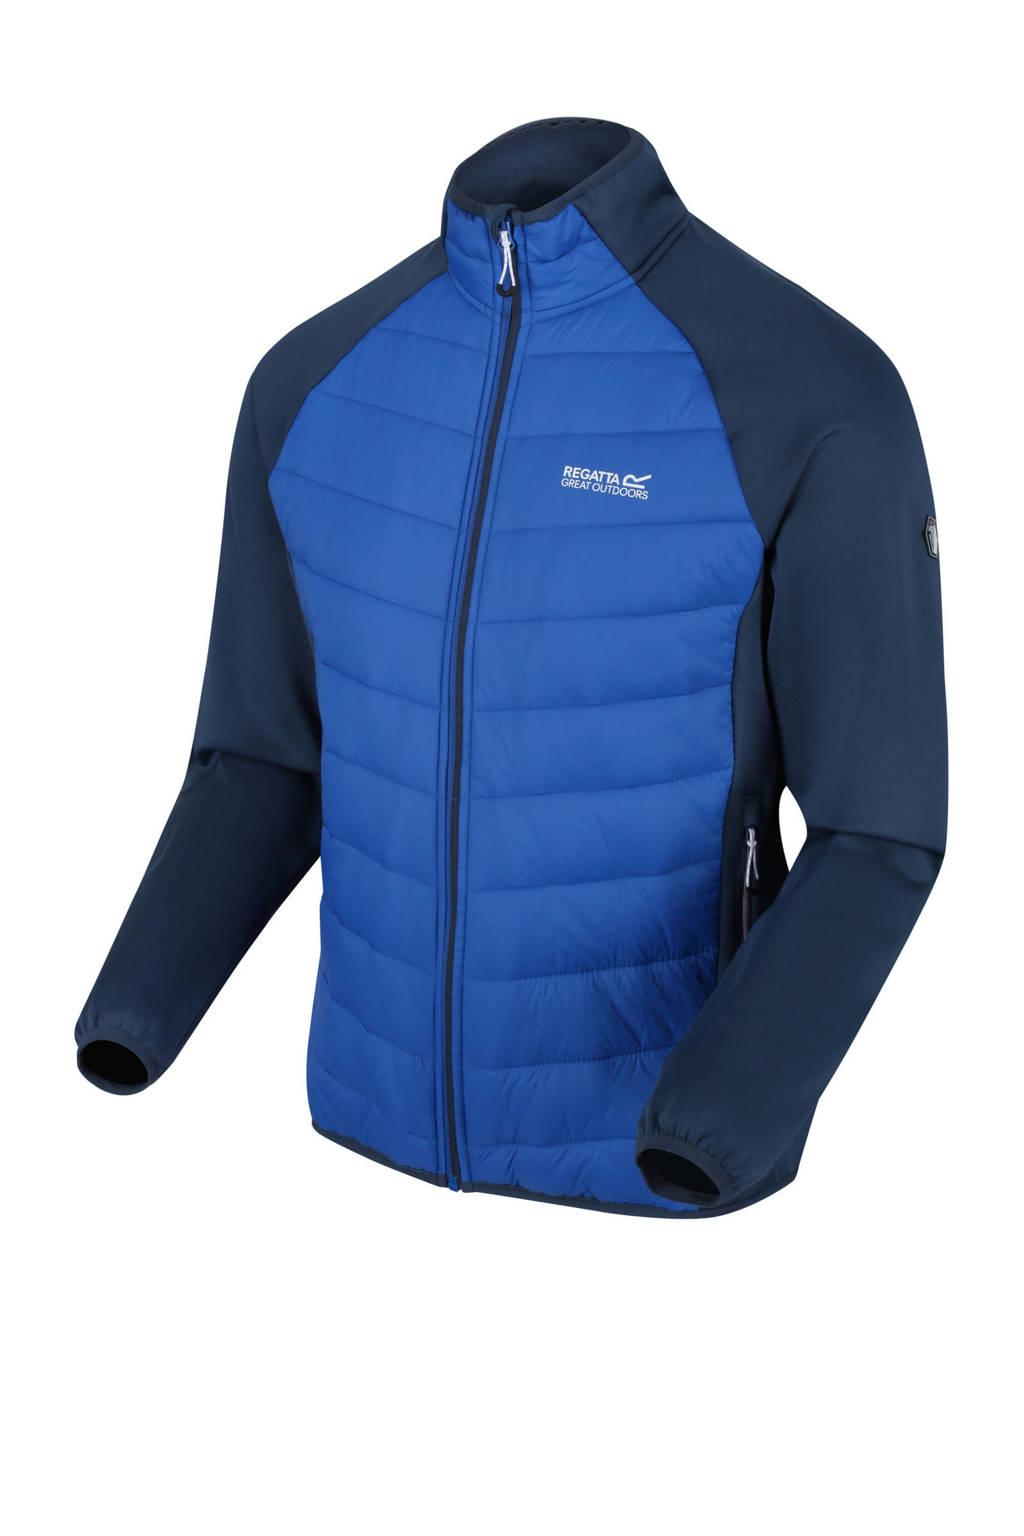 Regatta outdoor jack donkerblauw, Blauw